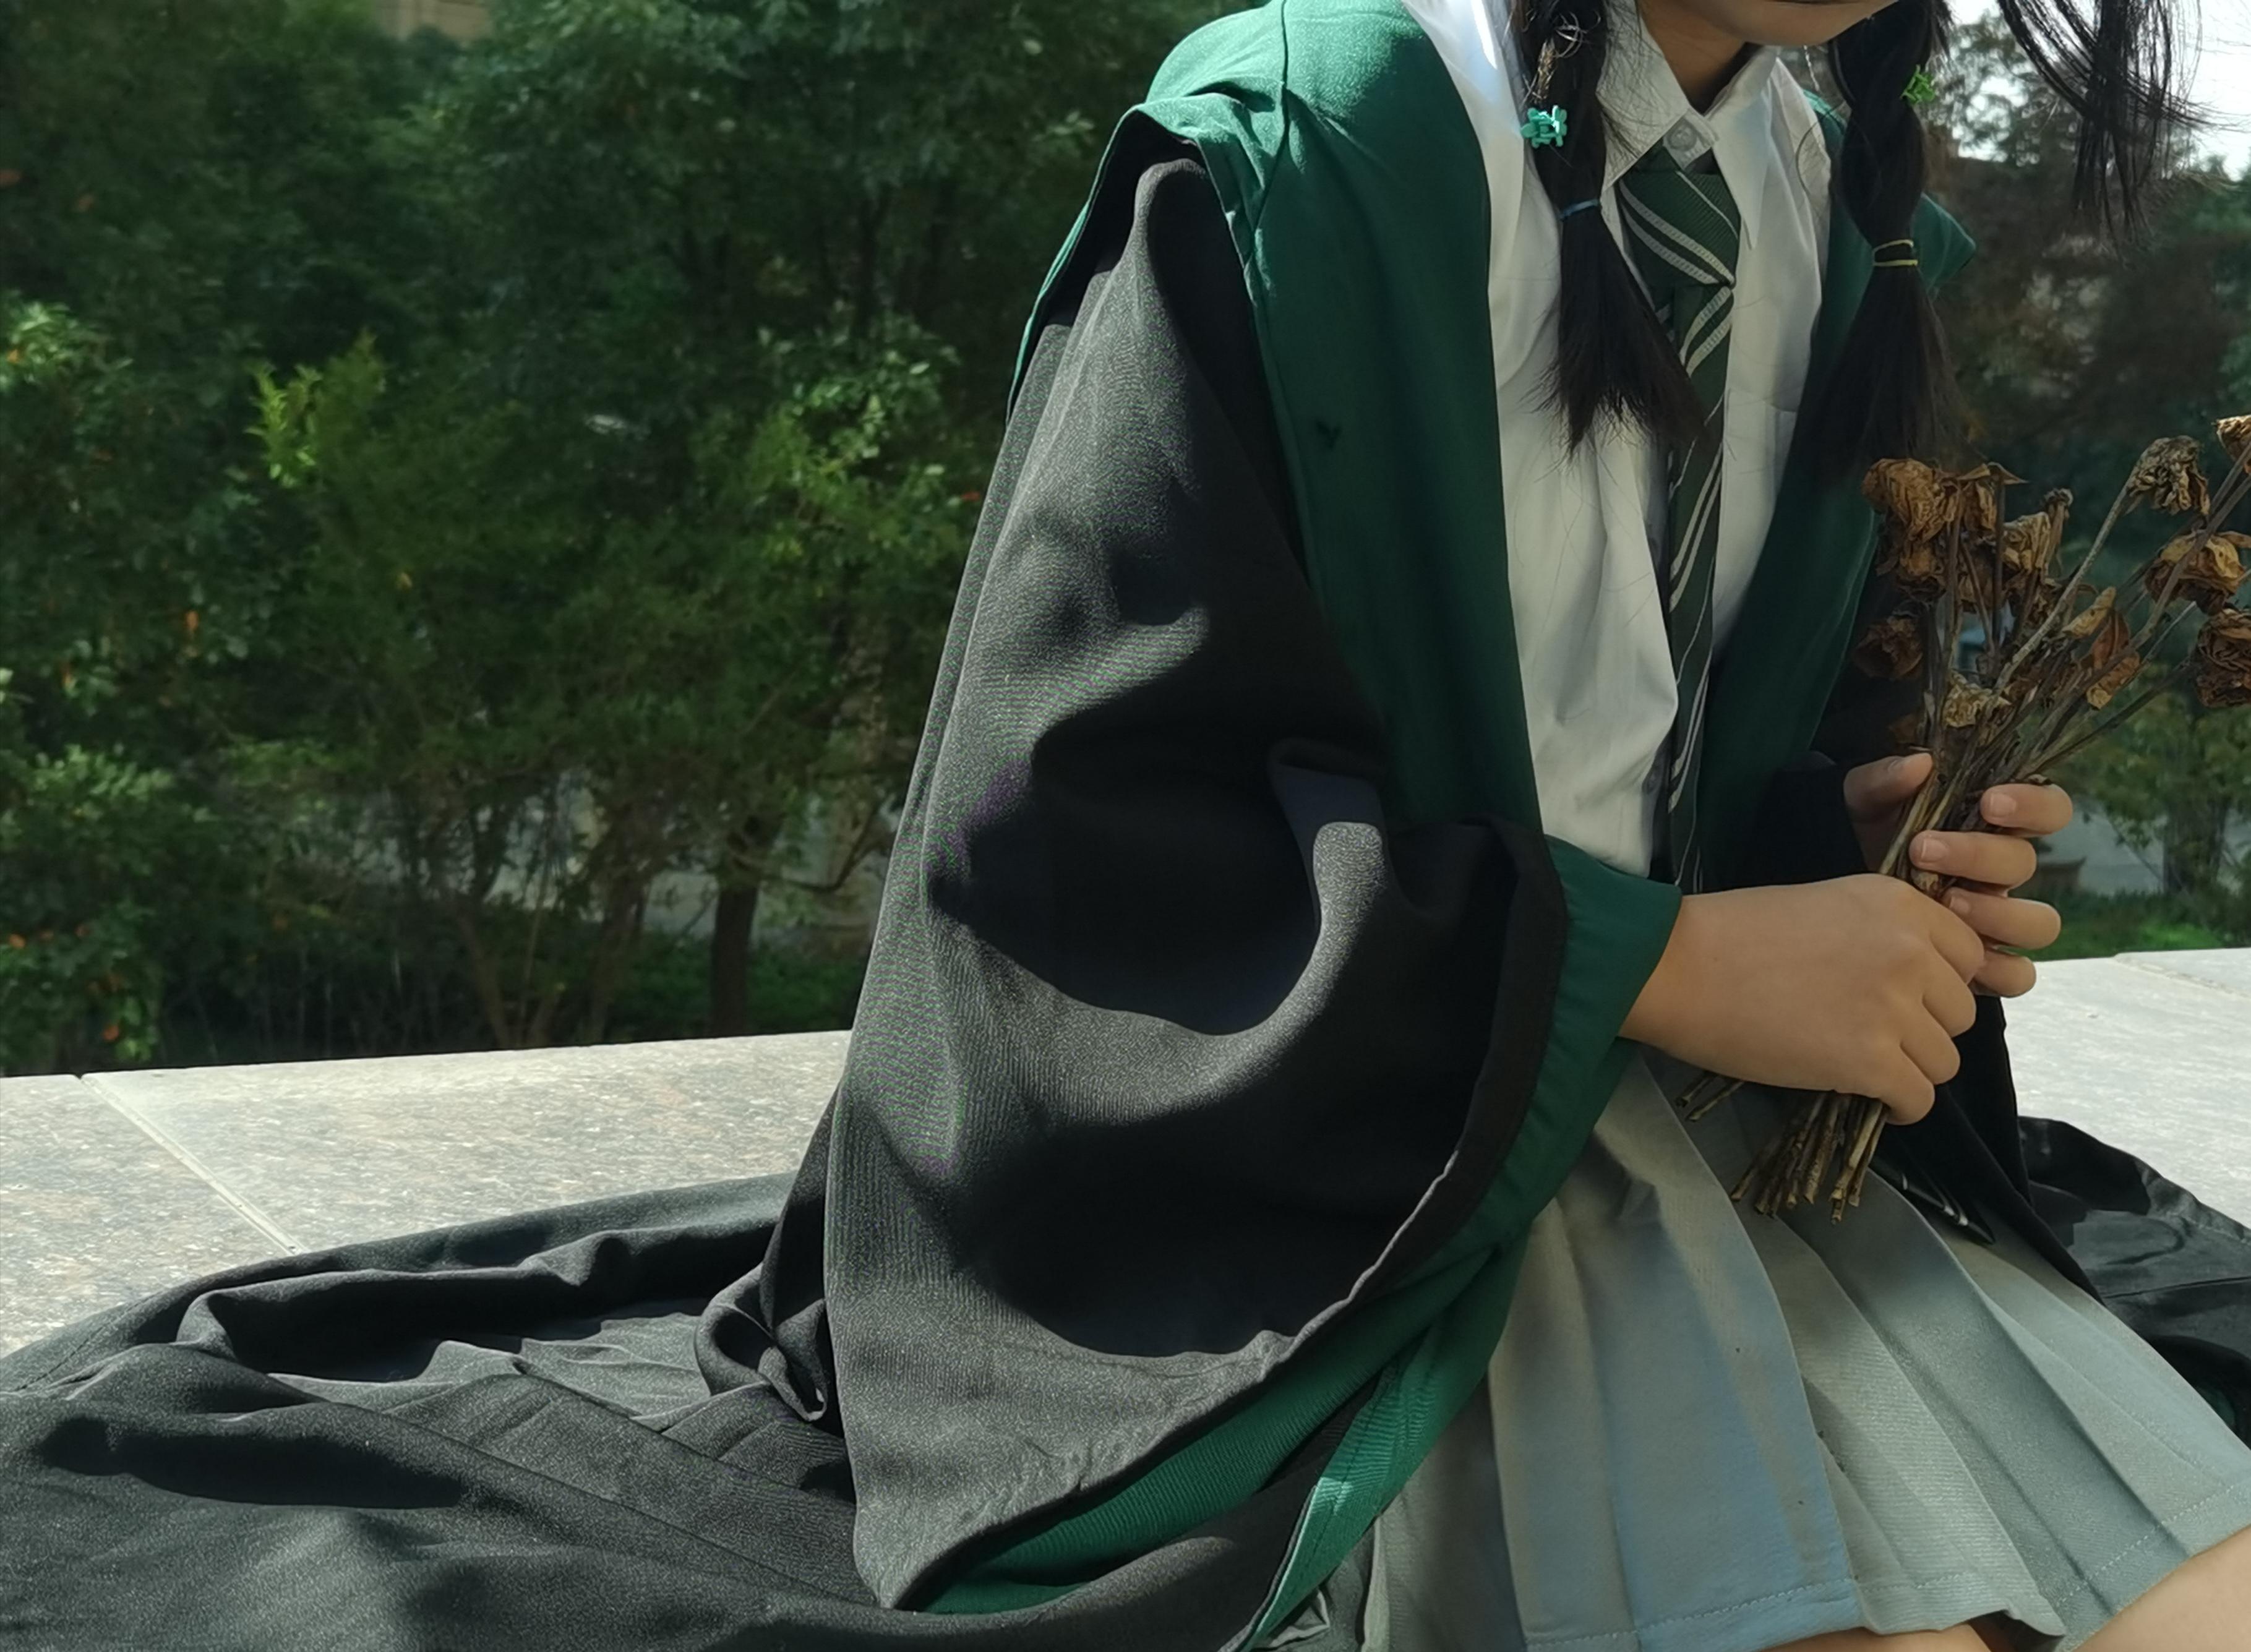 交友cosplay【CN:阿漉.】-第3张